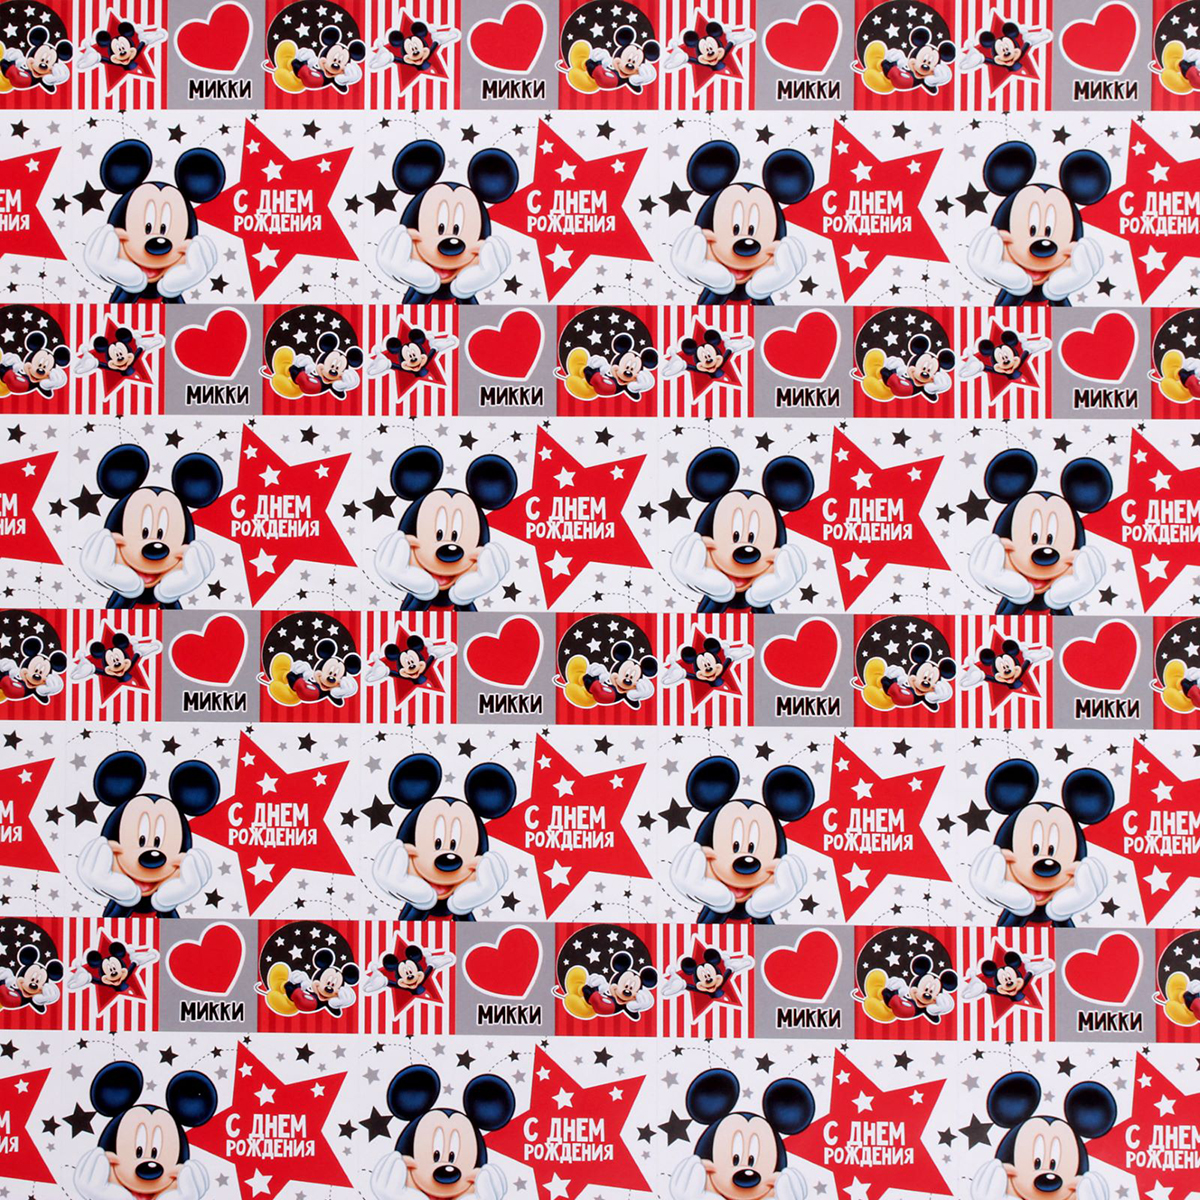 Бумага упаковочная Disney С Днем Рождения. Микки Маус, глянцевая, 70 х 100 см. 2390650 disney гирлянда детская на ленте тачки с днем рождения